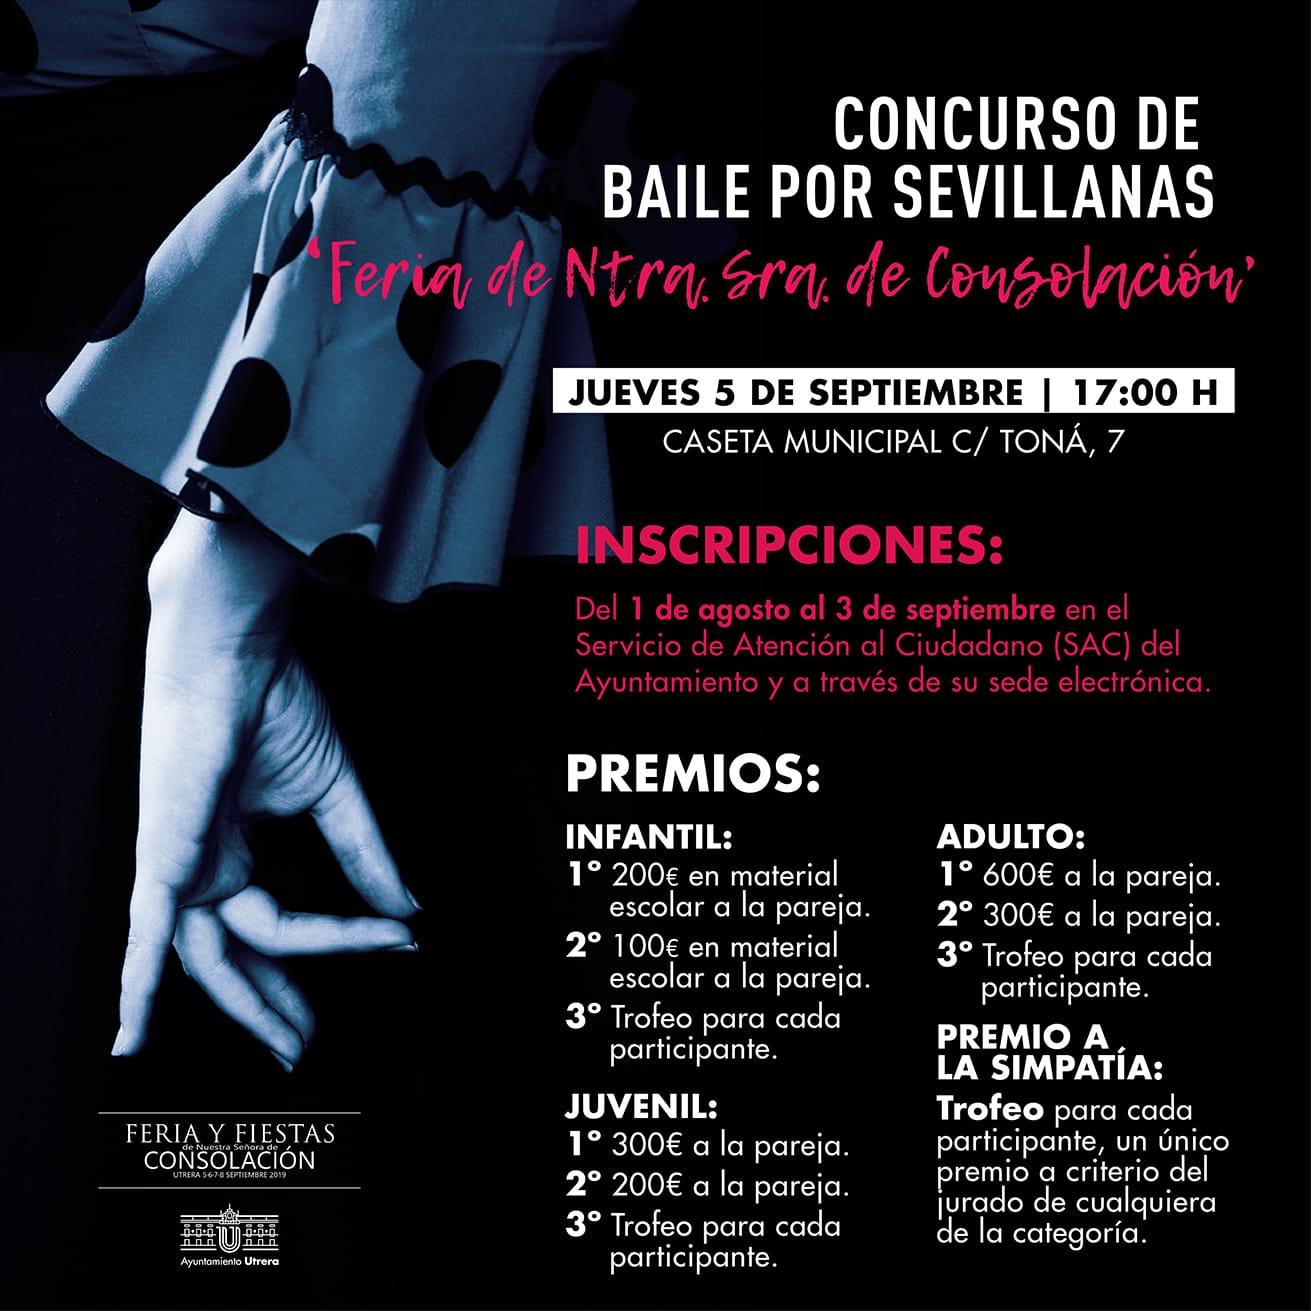 Concurso de Baile por Sevillanas, Utrera